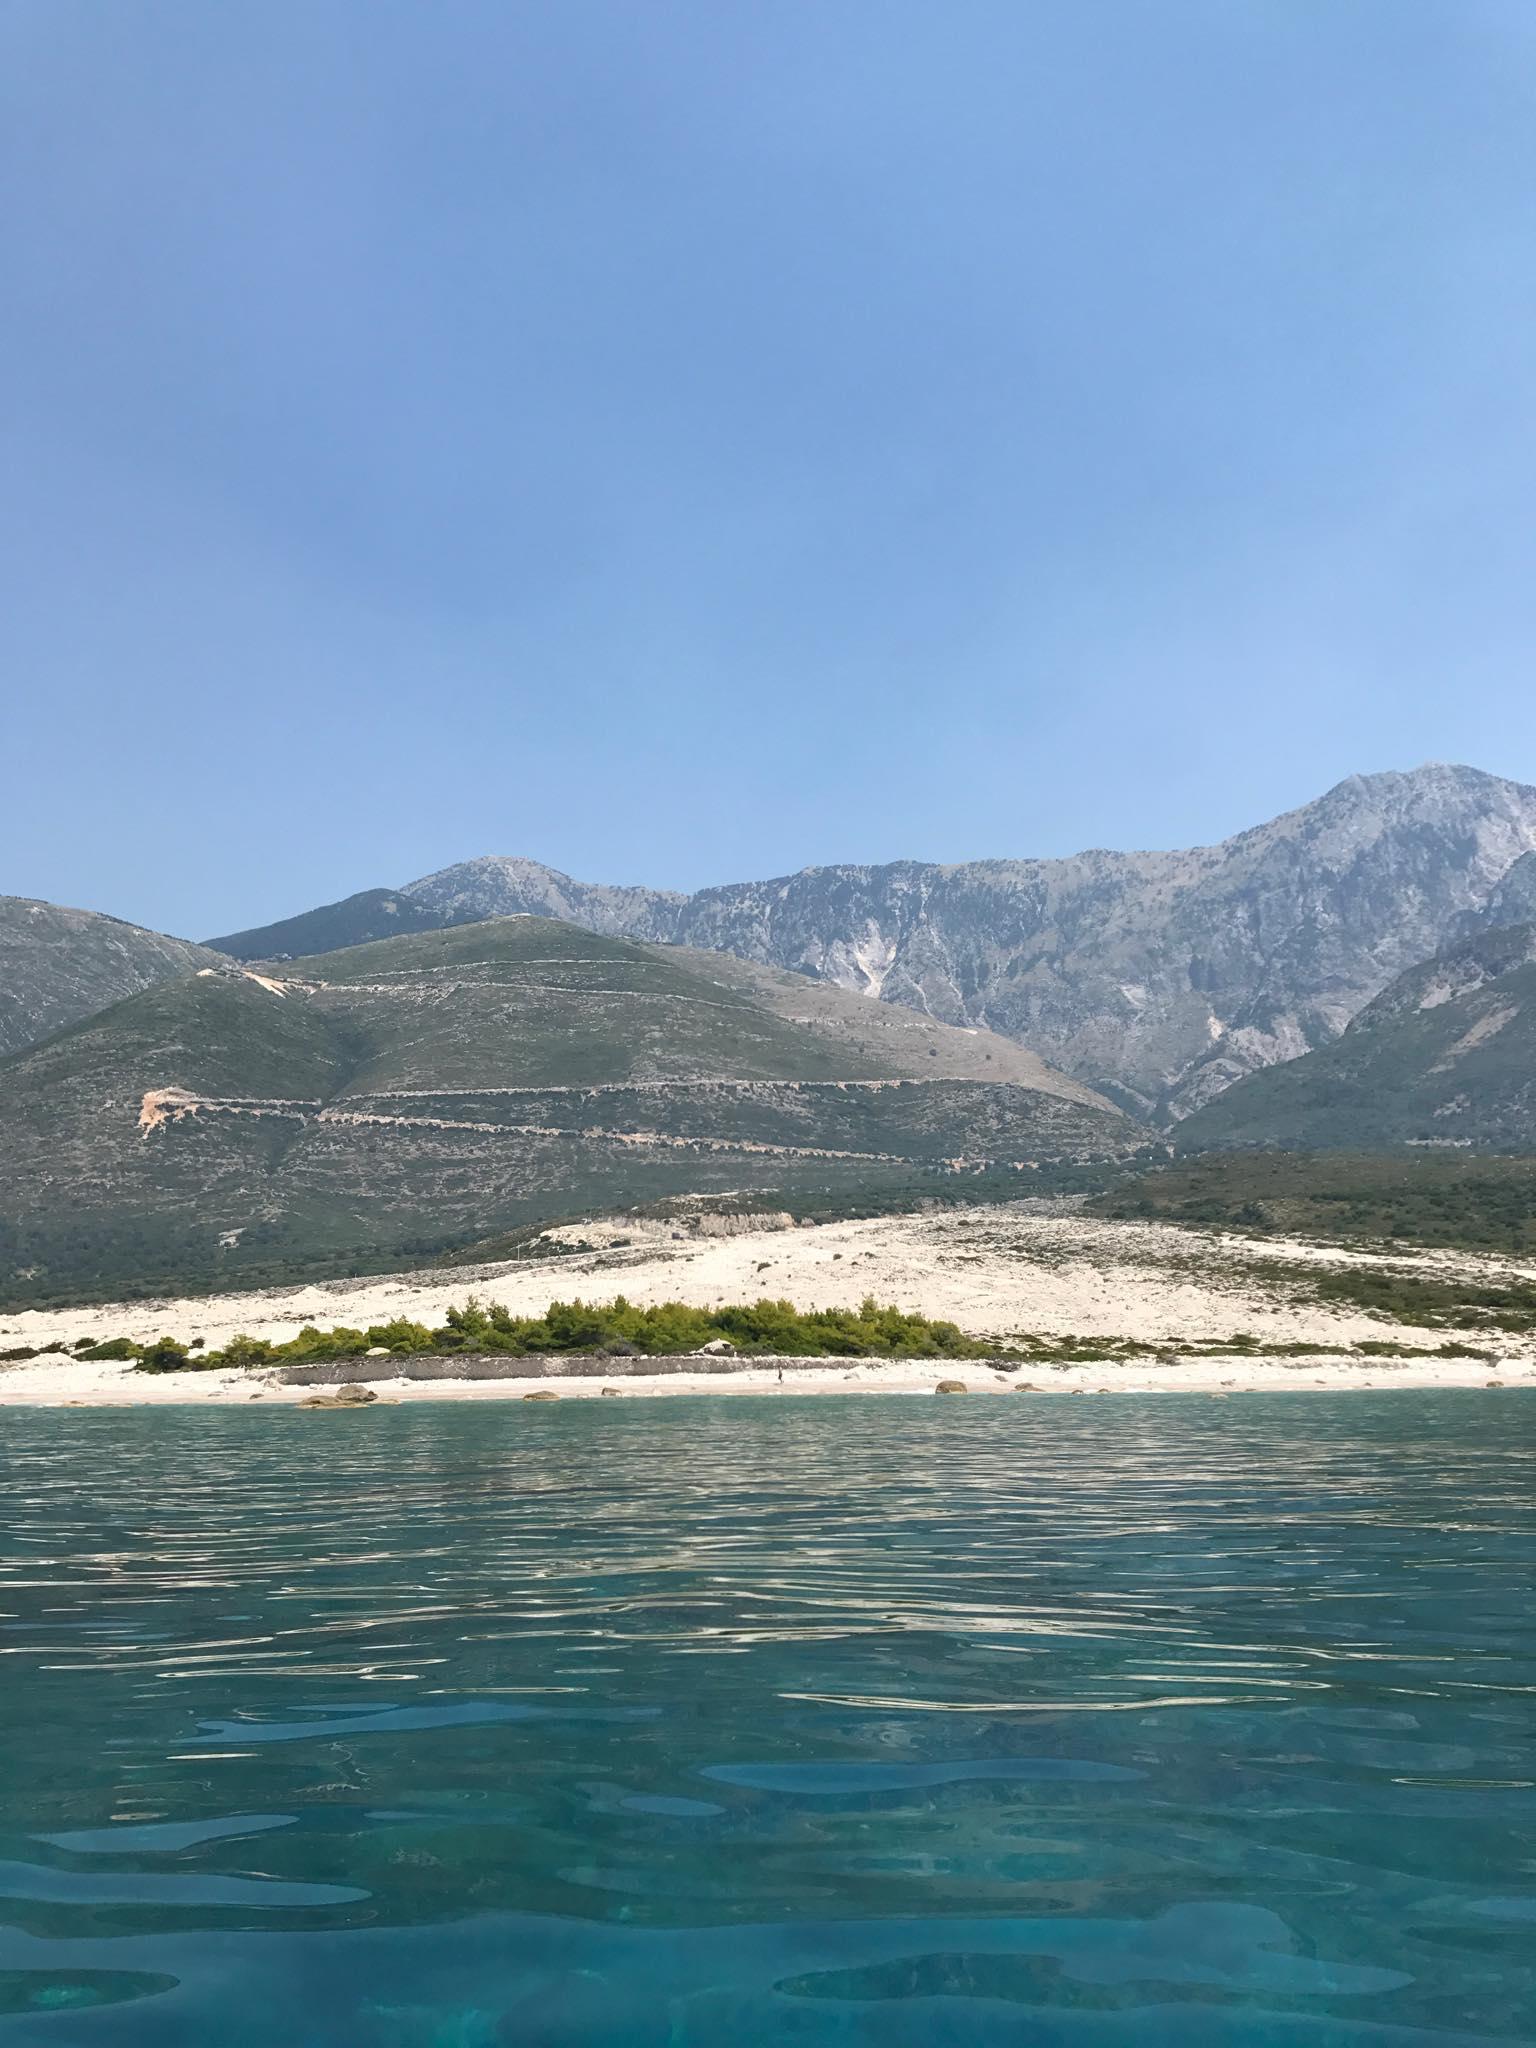 Dhërmin rannat ja takana Llogoran kansallispuisto ja kohoavat vuoret. Kuva: Hanne-Mari Ahonen